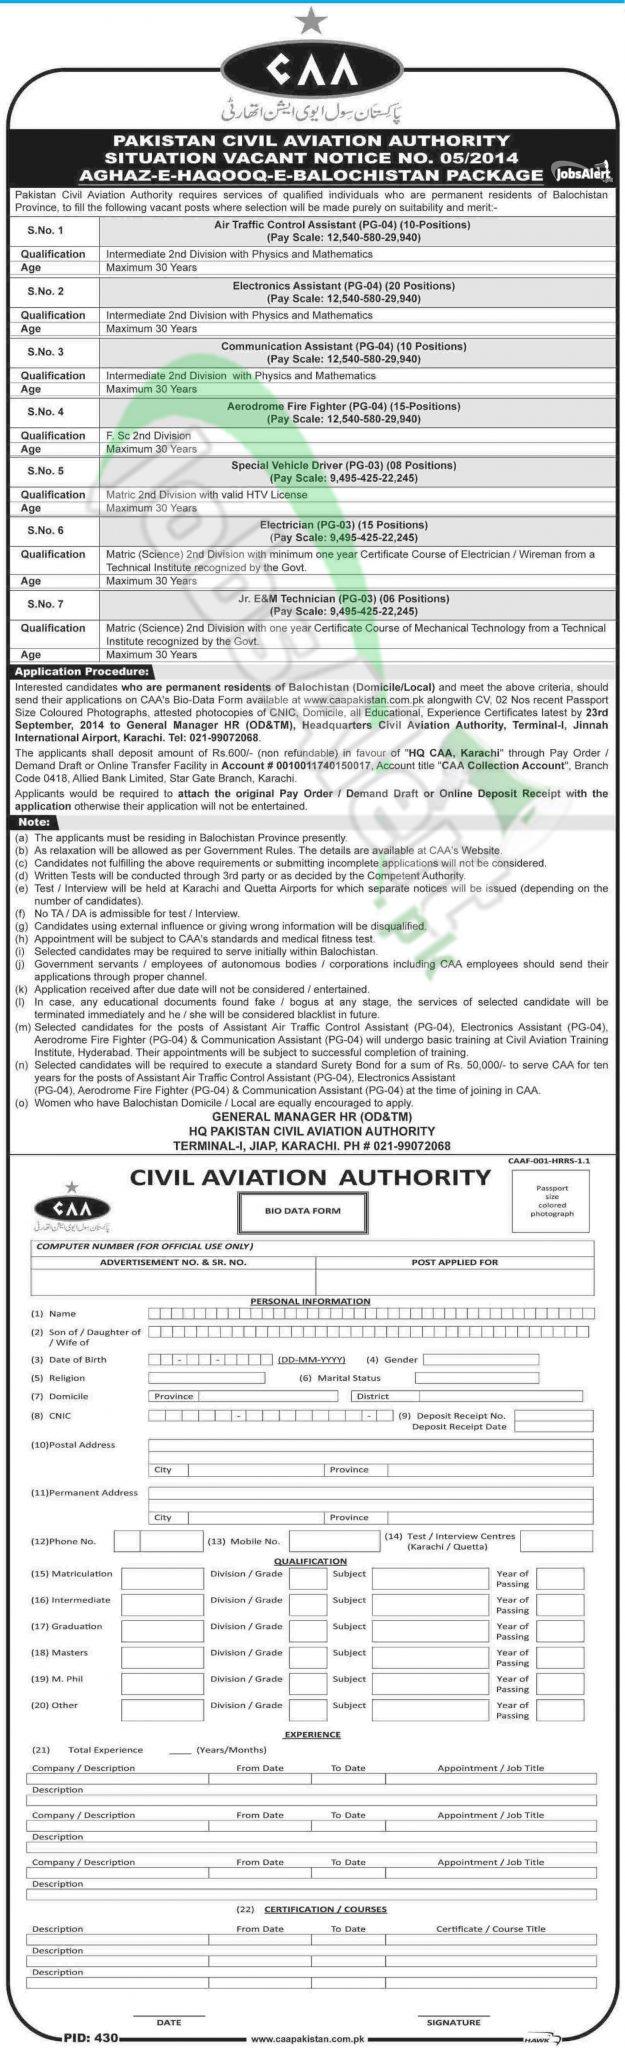 Pakistan Civil Aviatioin Authority